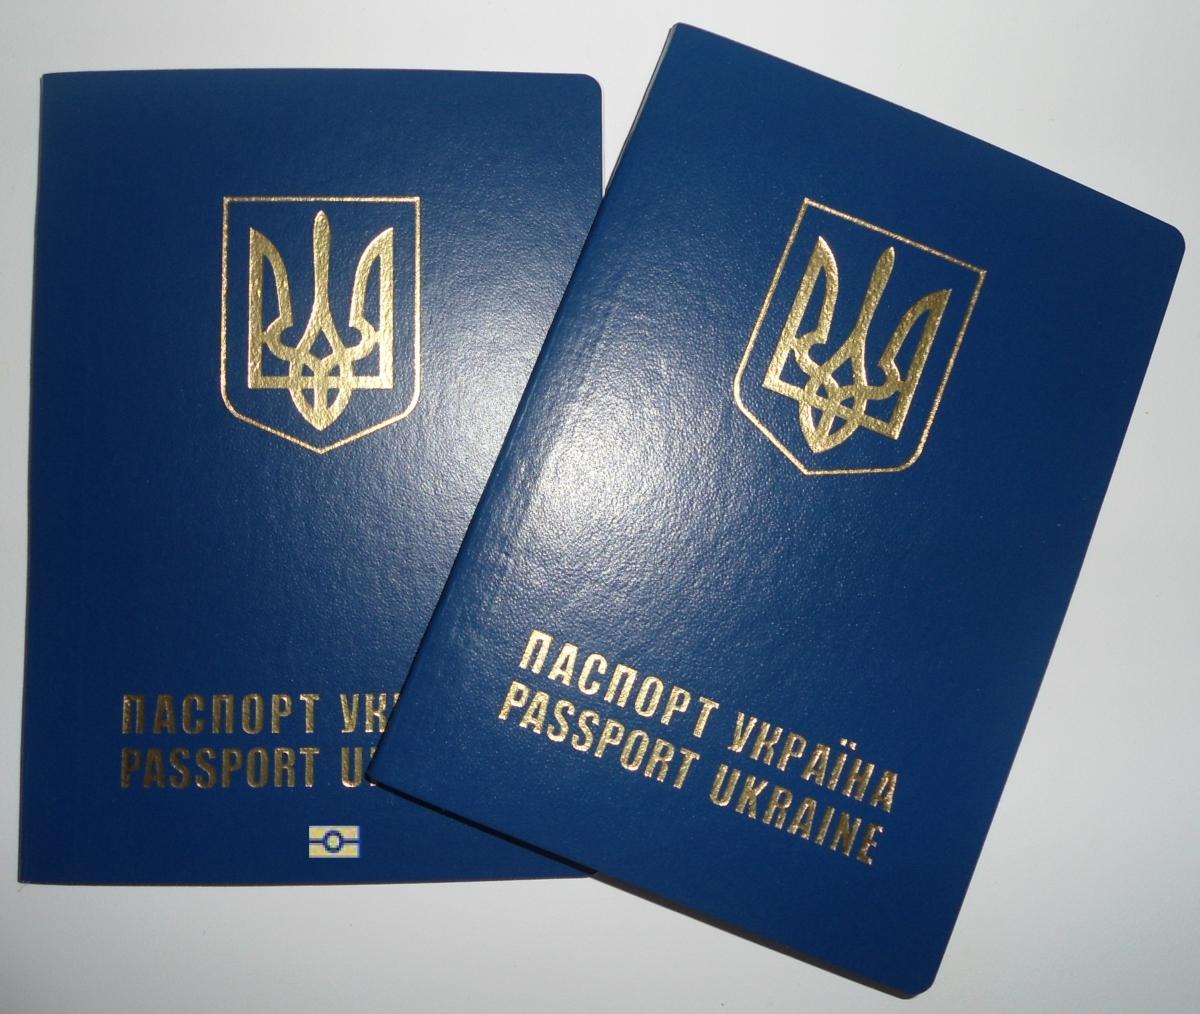 Загранпаспорт в Украине 2017. Как избежать пиздеца при оформлении биометрического паспорта